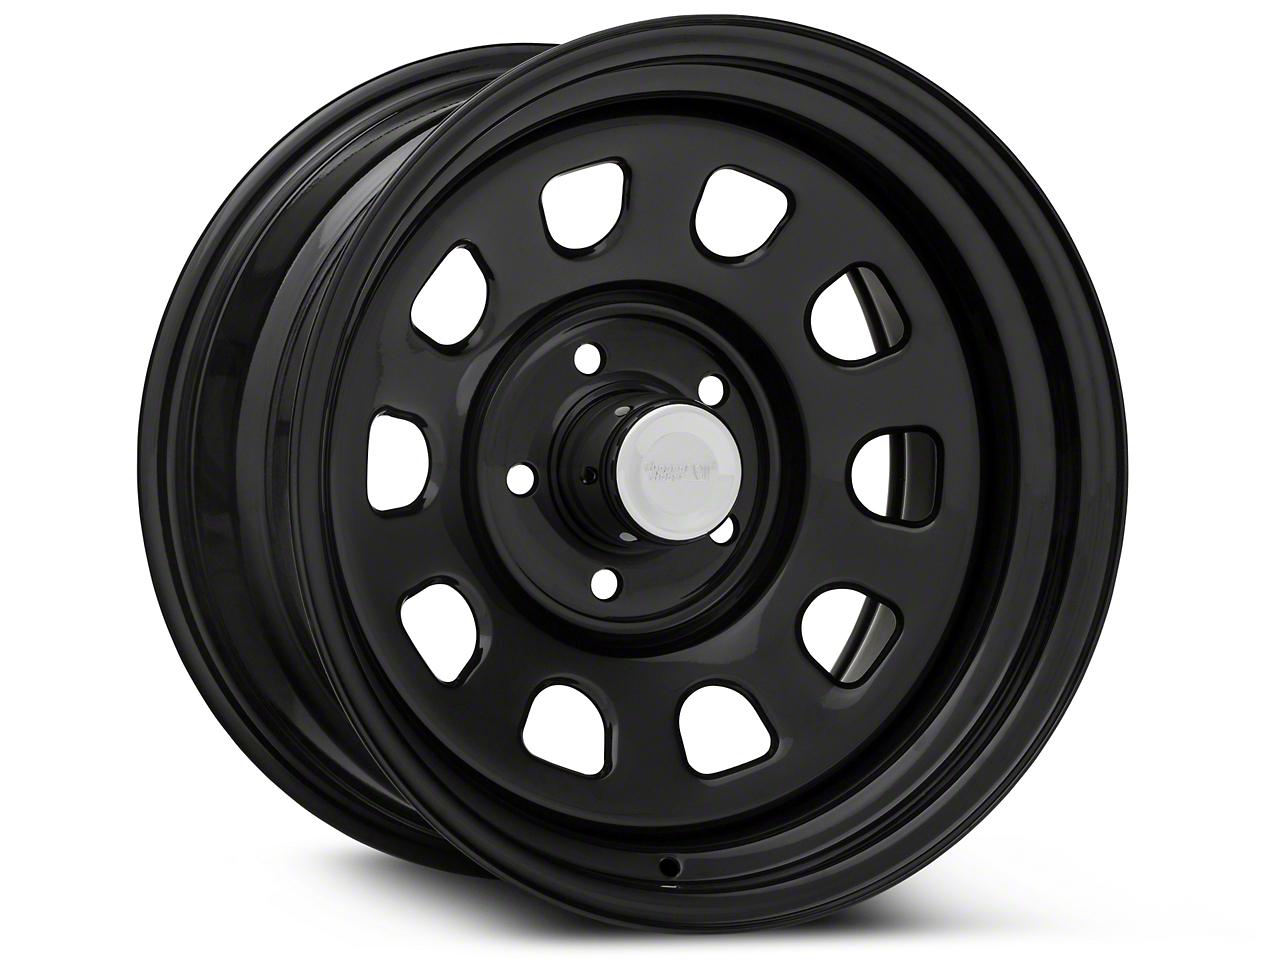 Rugged Ridge Steel Gloss Black Wheels (07-18 Wrangler JK; 2018 Wrangler JL)